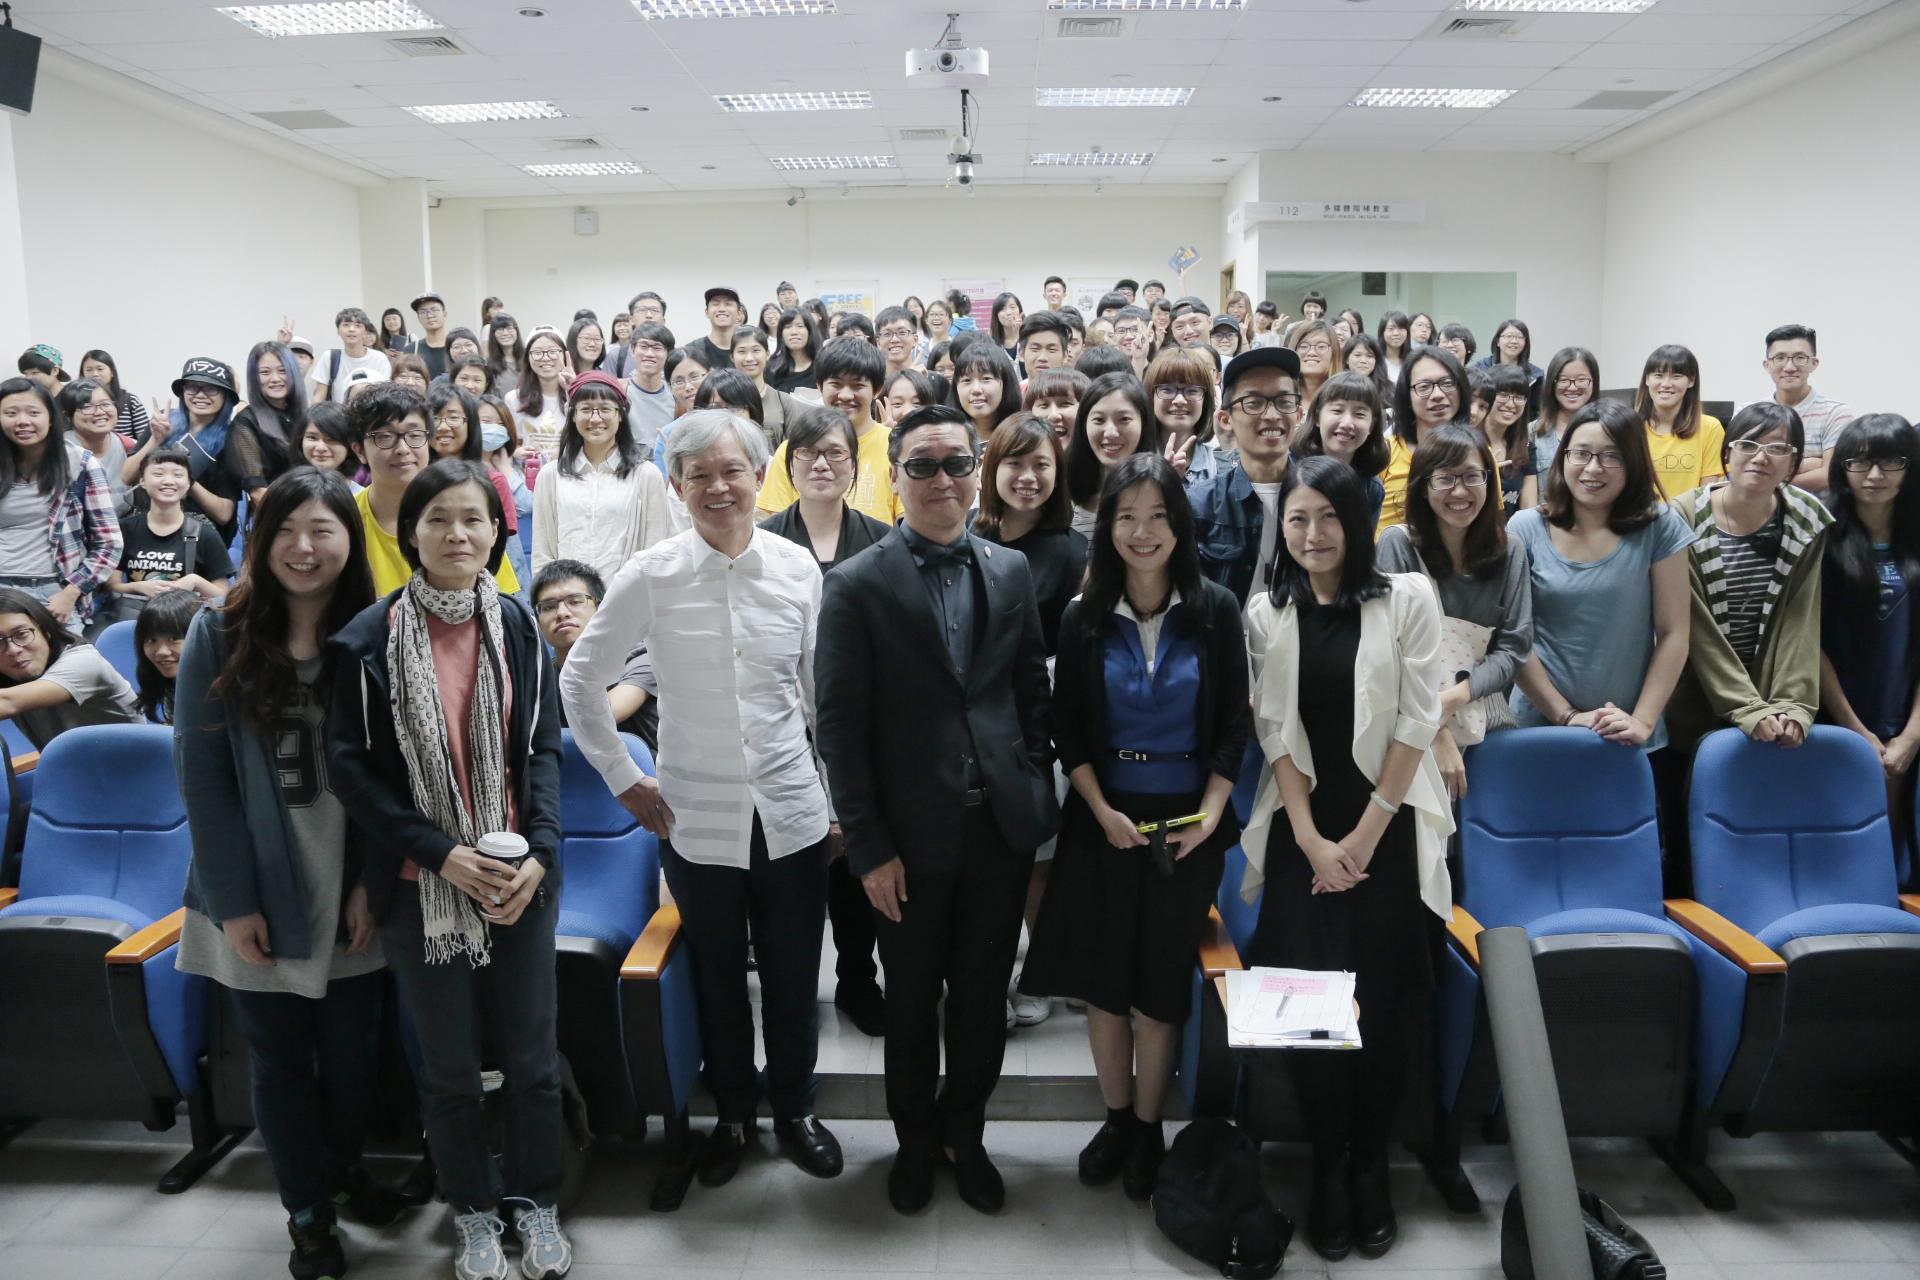 總統文化獎創意獎陳俊良 期勉學生 走大路,做自己!走對了就不害怕遙遠